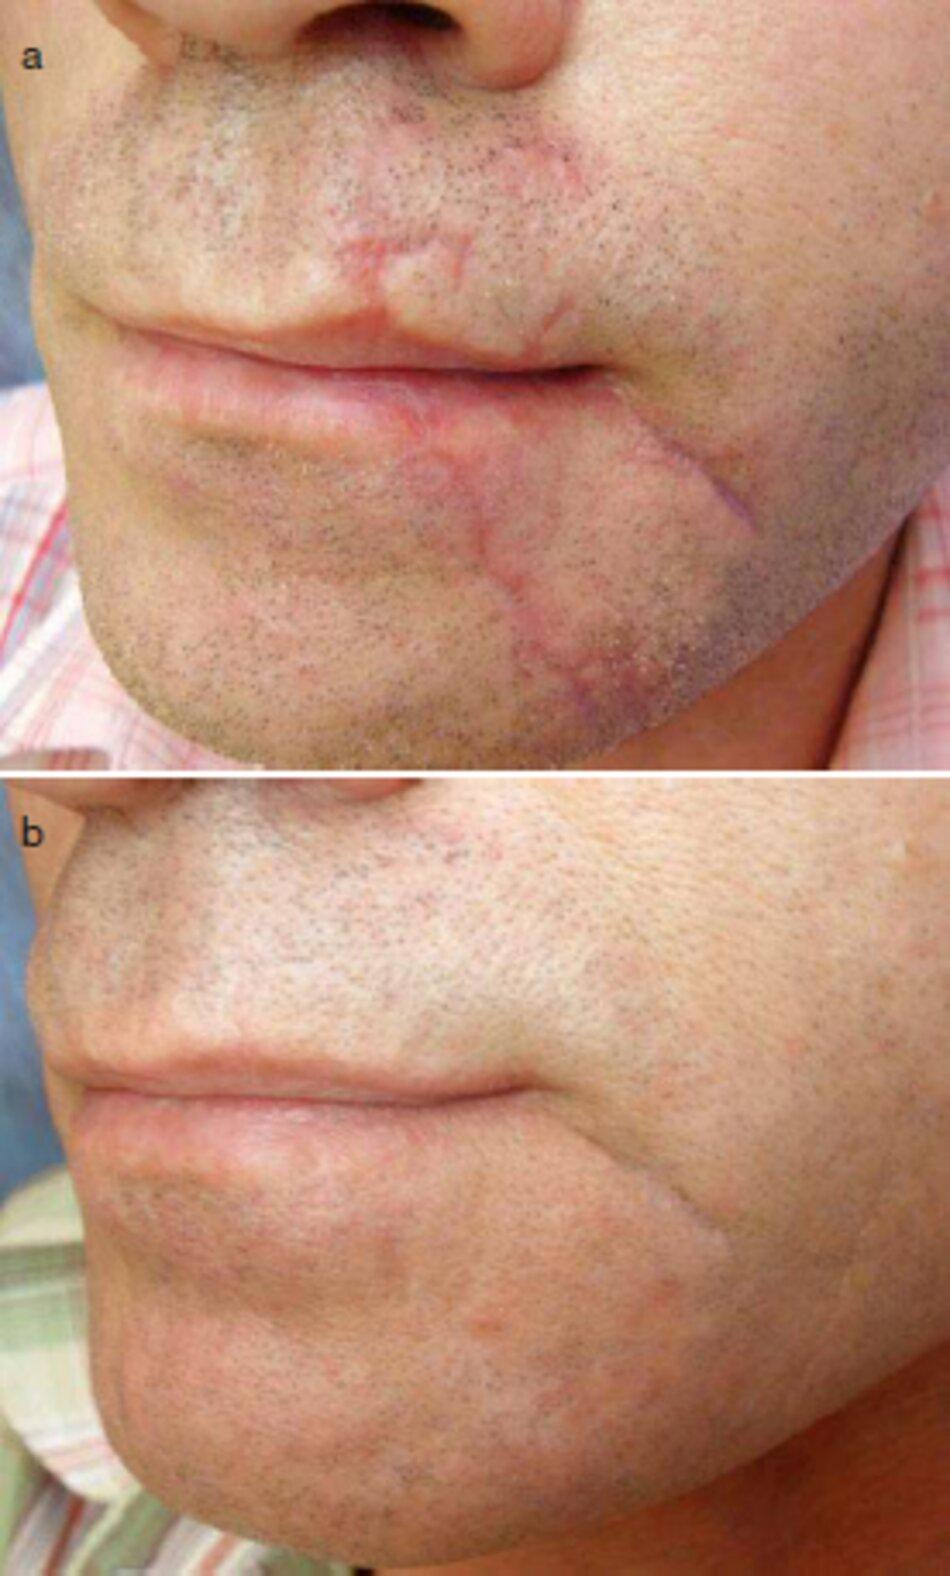 Fig. 3.28 Sẹo vùng quanh miệng và vùng cằm sau chấn thương. (a) trước điều trị. (b) sau hai năm điều trị